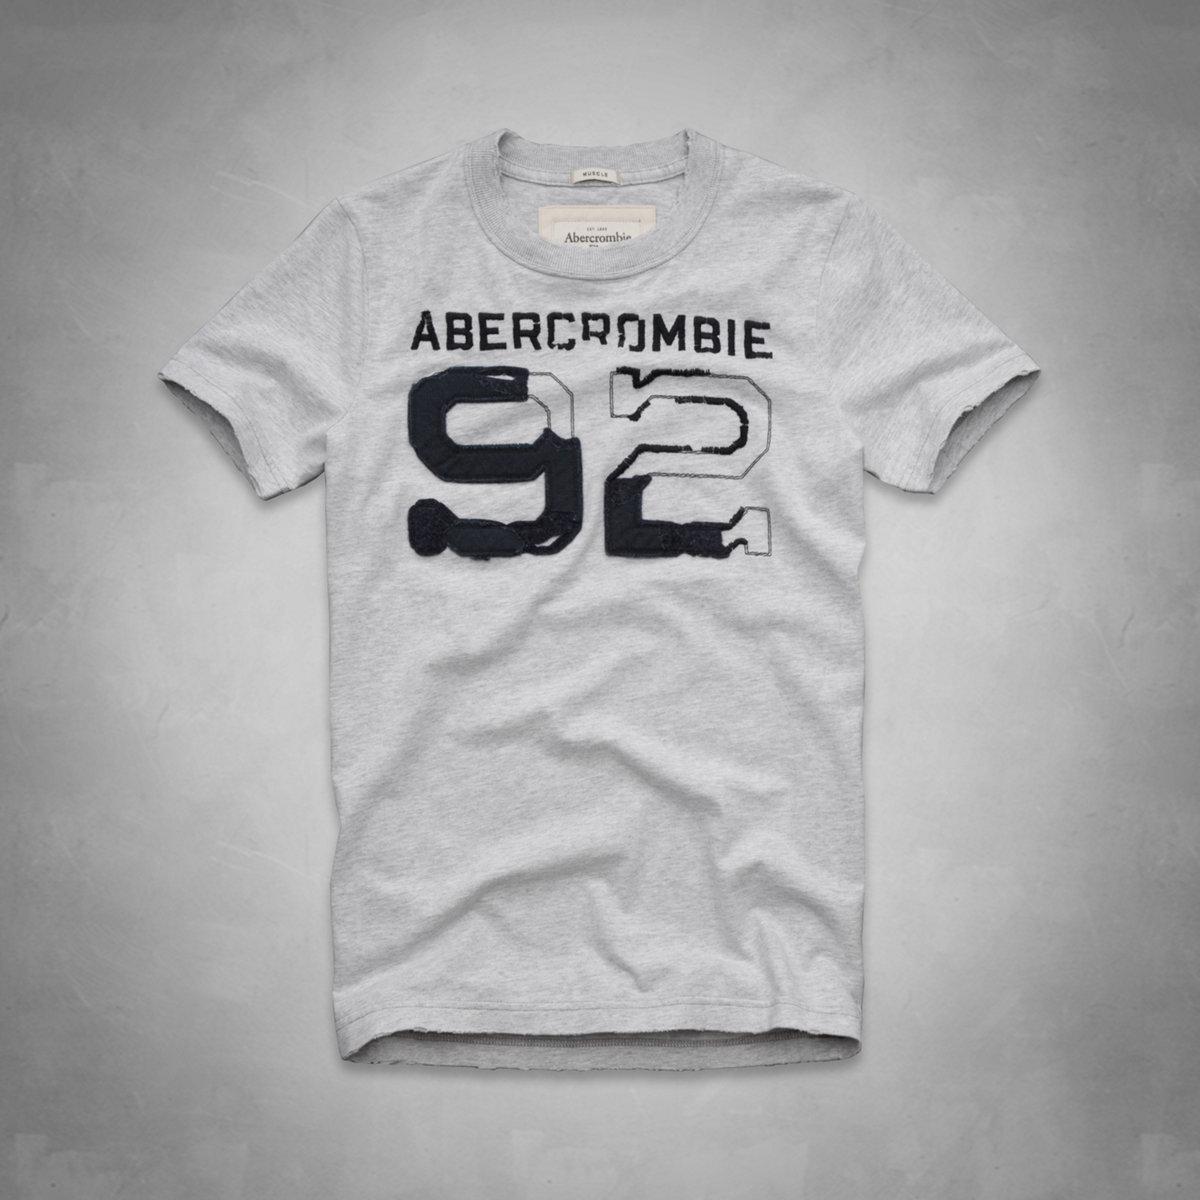 美國百分百【全新真品】Abercrombie & Fitch T恤 AF 短袖 T-shirt 麋鹿 灰 圓領 復古 數字 男 L XL號